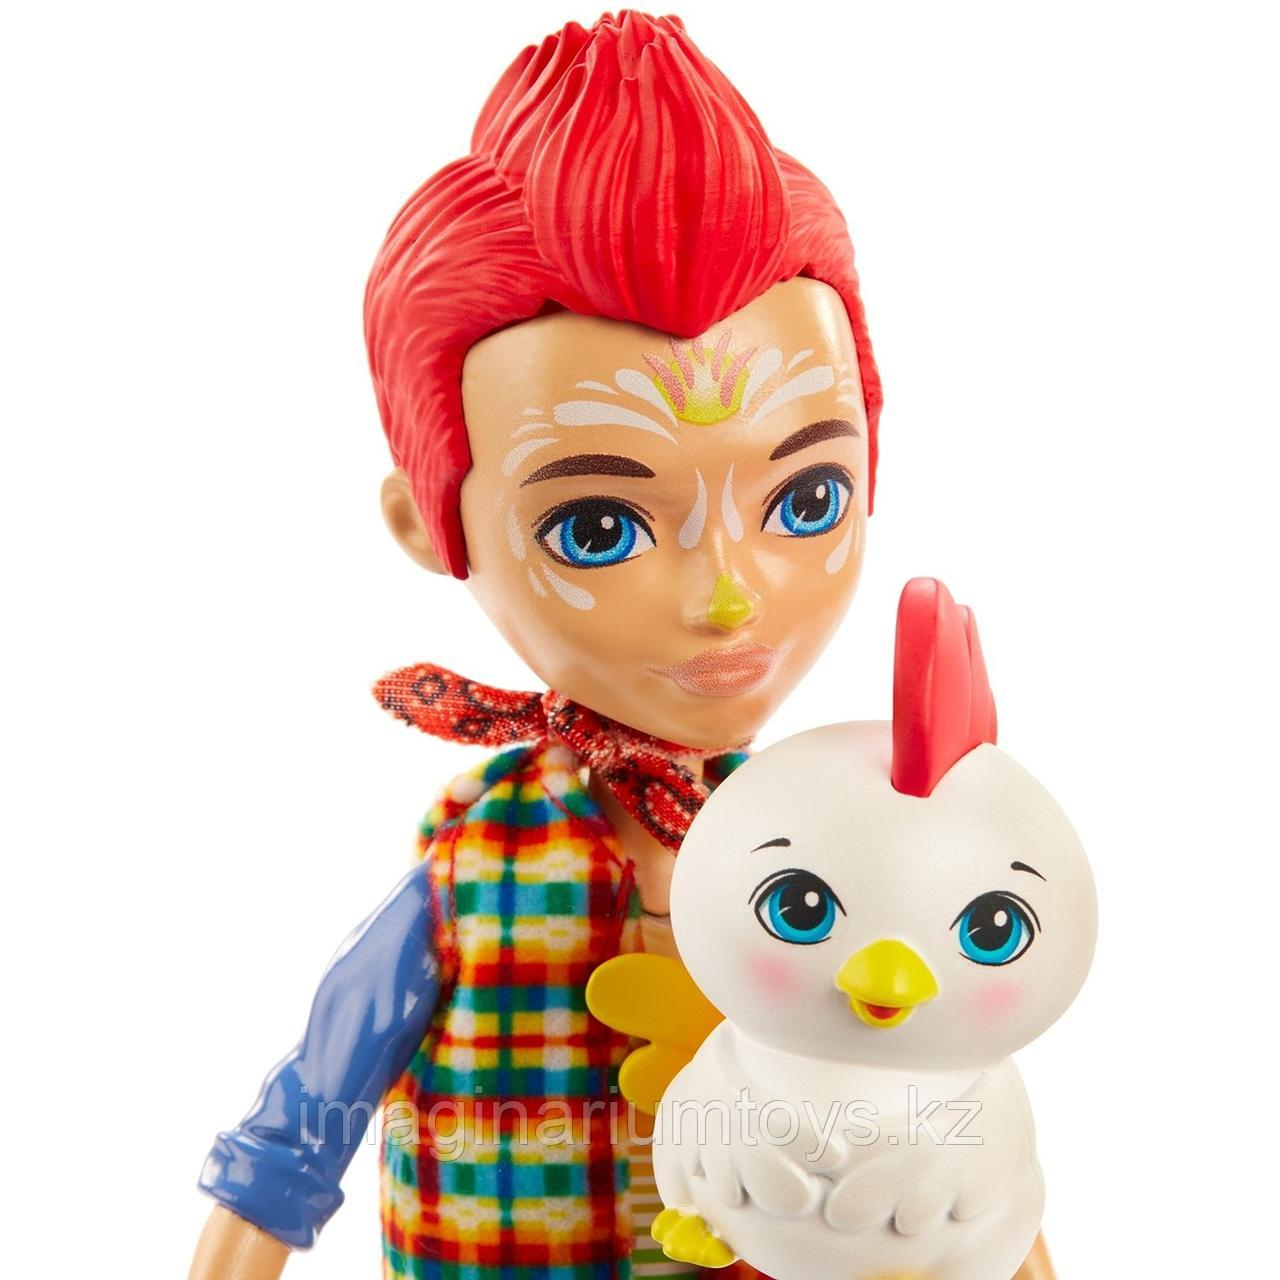 Кукла Enchantimals мальчик петушок Ривод Рустер и Клак - фото 6